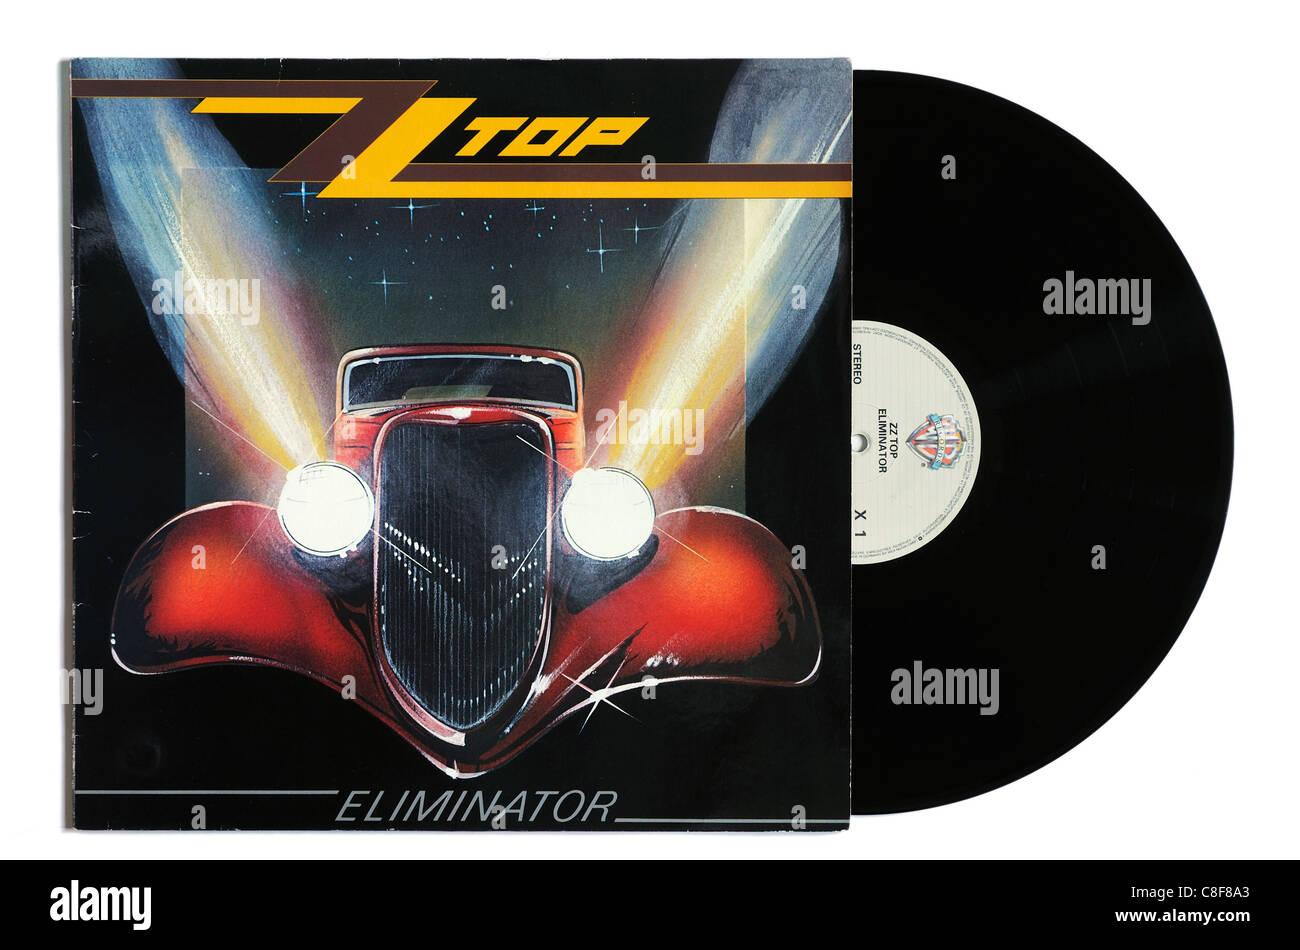 ZZ Top Eliminator album - Stock Image